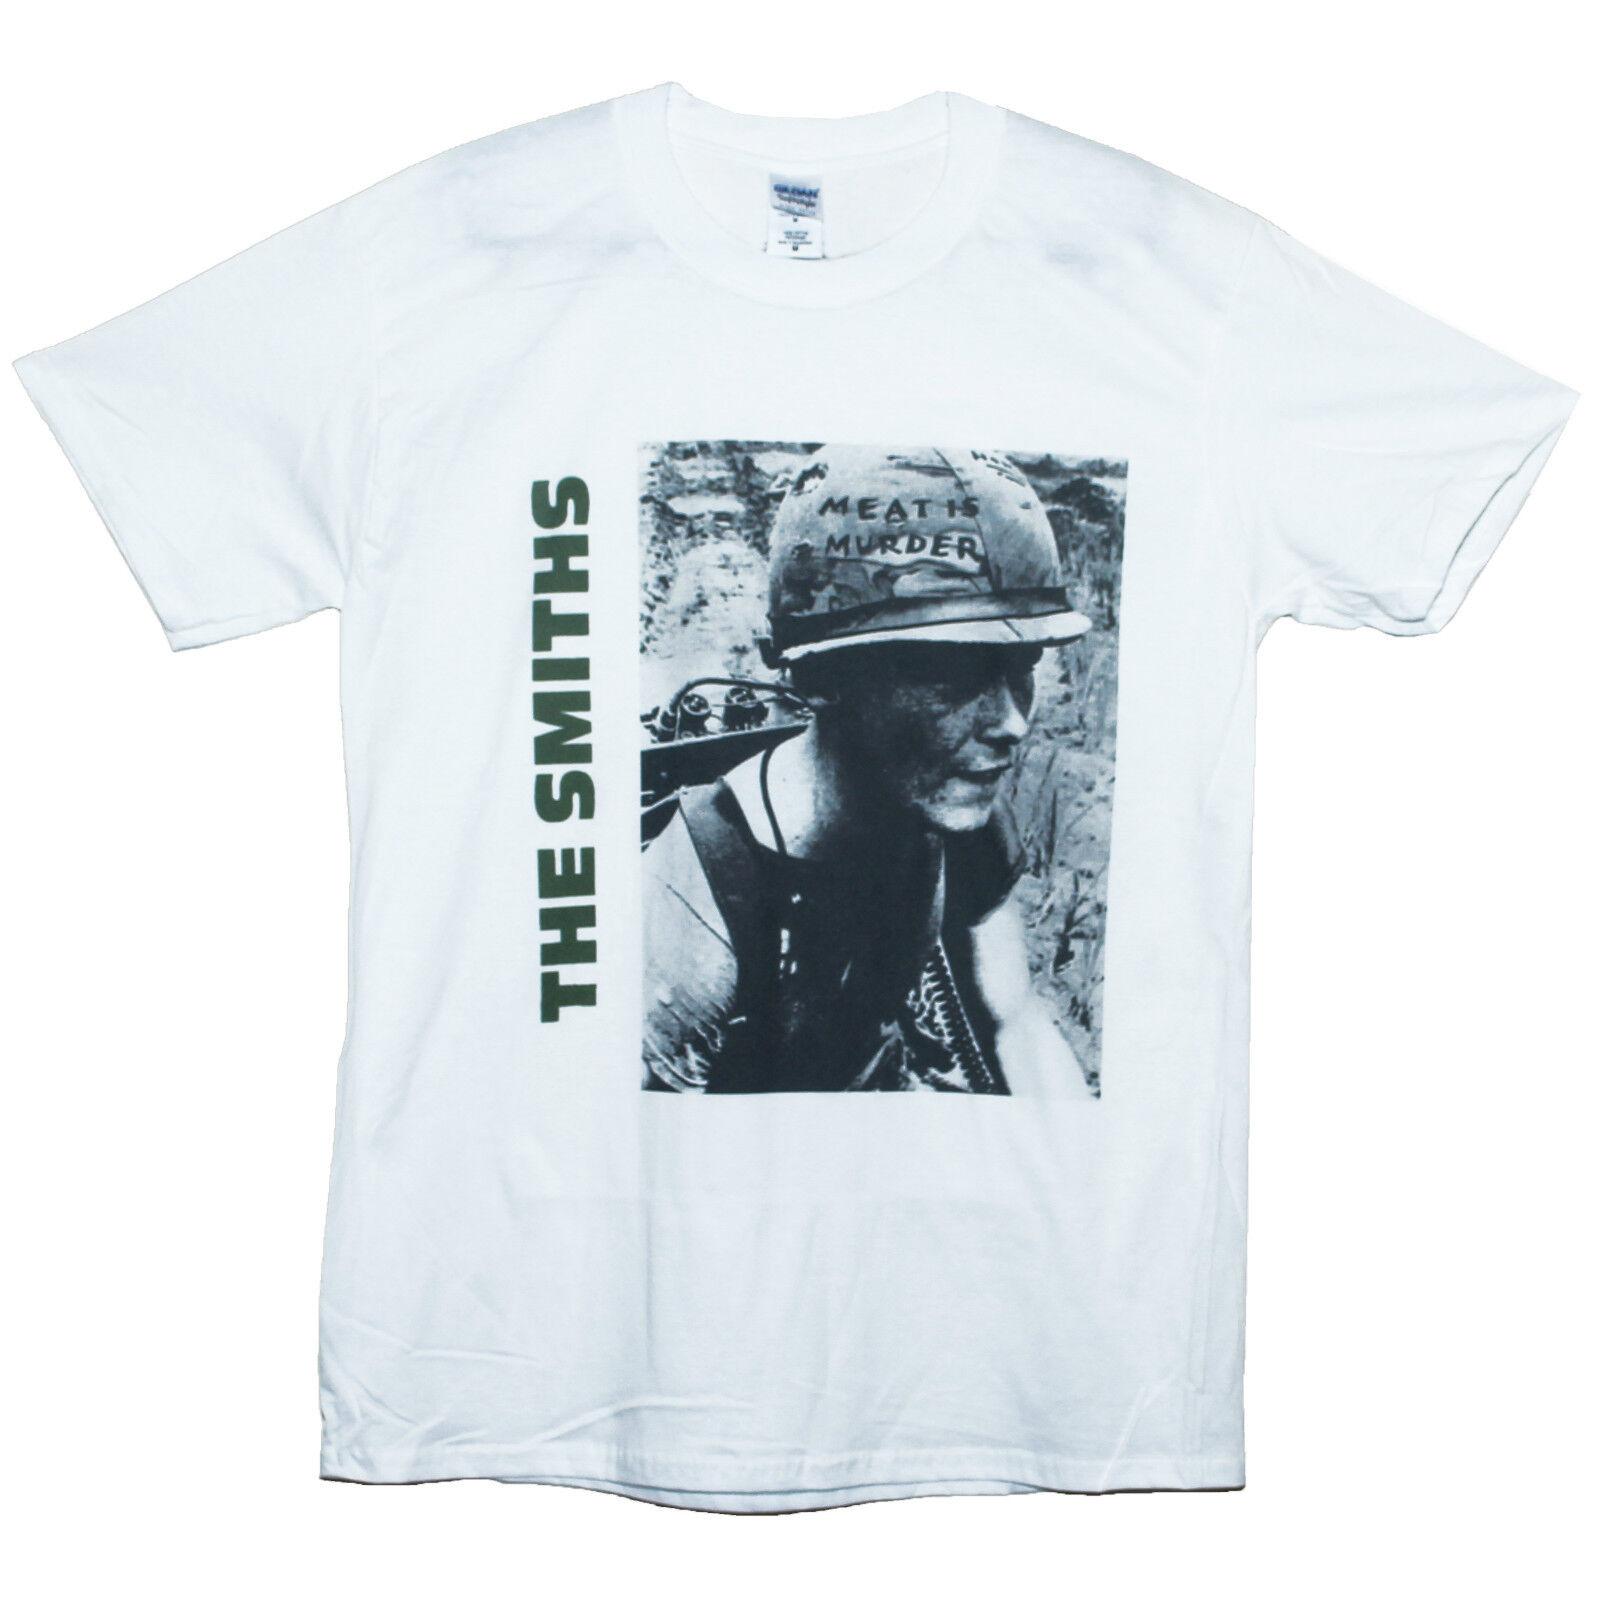 1d32e062dec82 Mens T Shirts Mode 100% coton T-shirts à manches courtes à manches courtes T -shirt Design Tee Text Style Style Noir